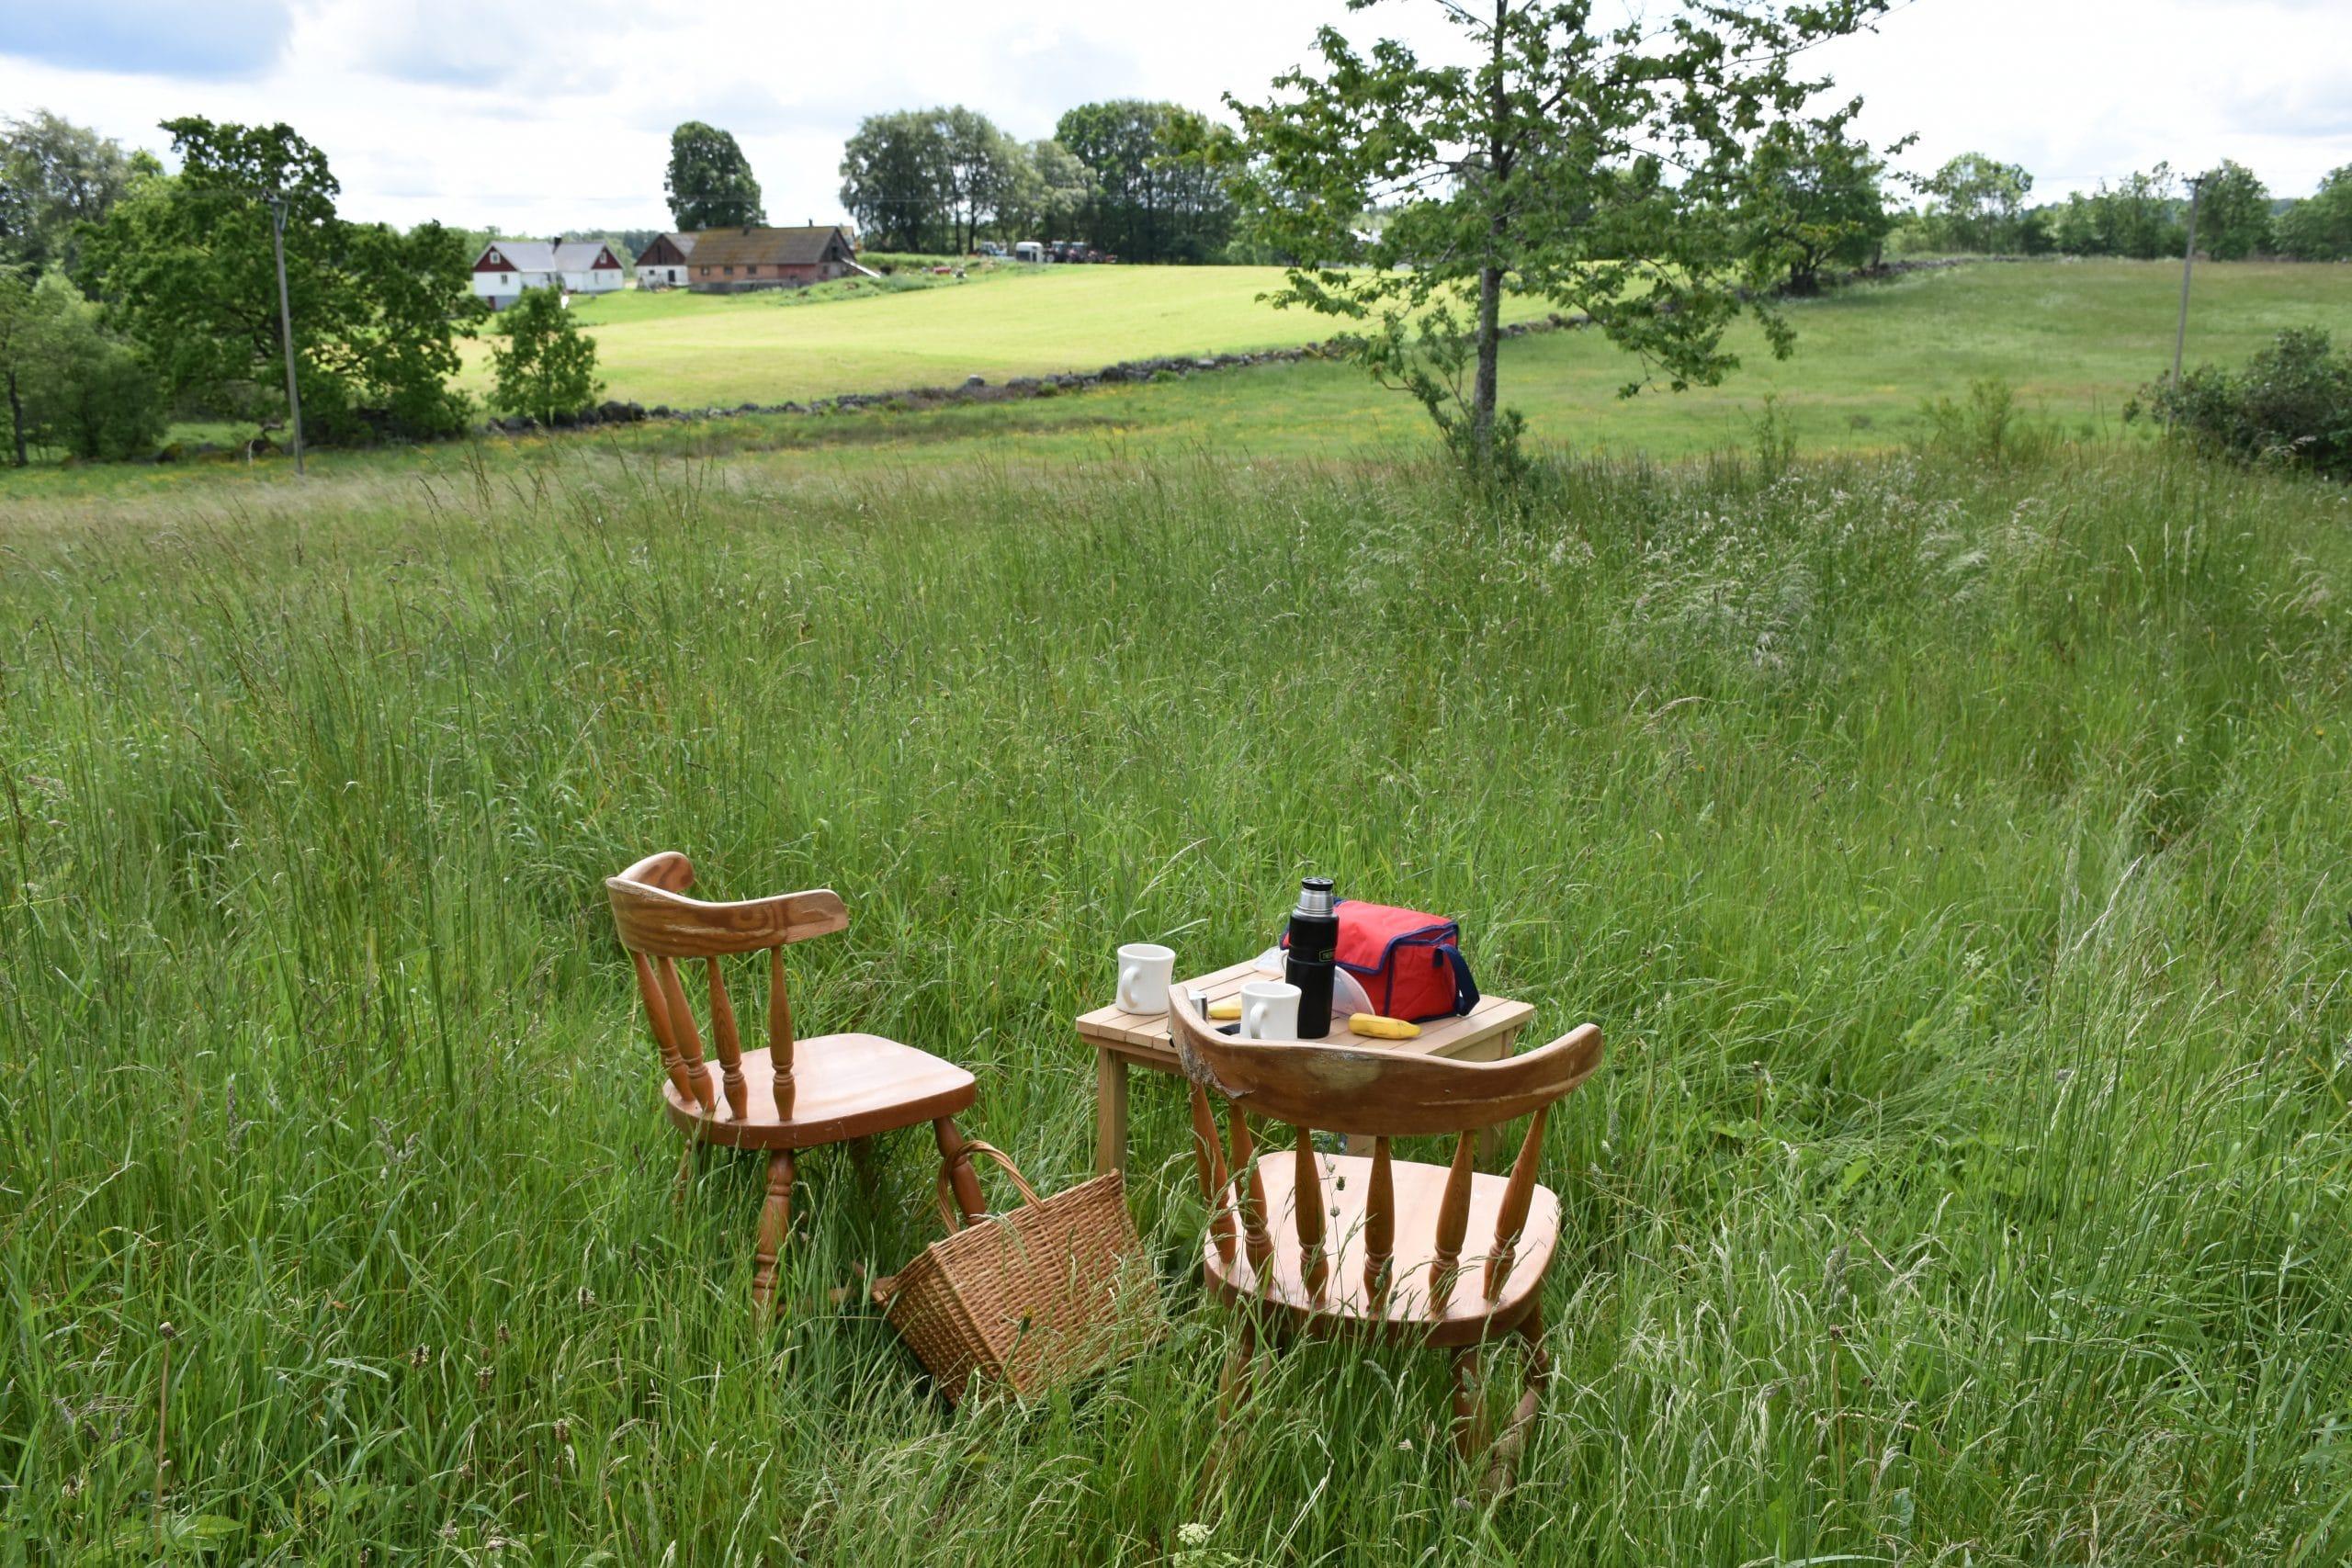 sophämtning - picknickkorg